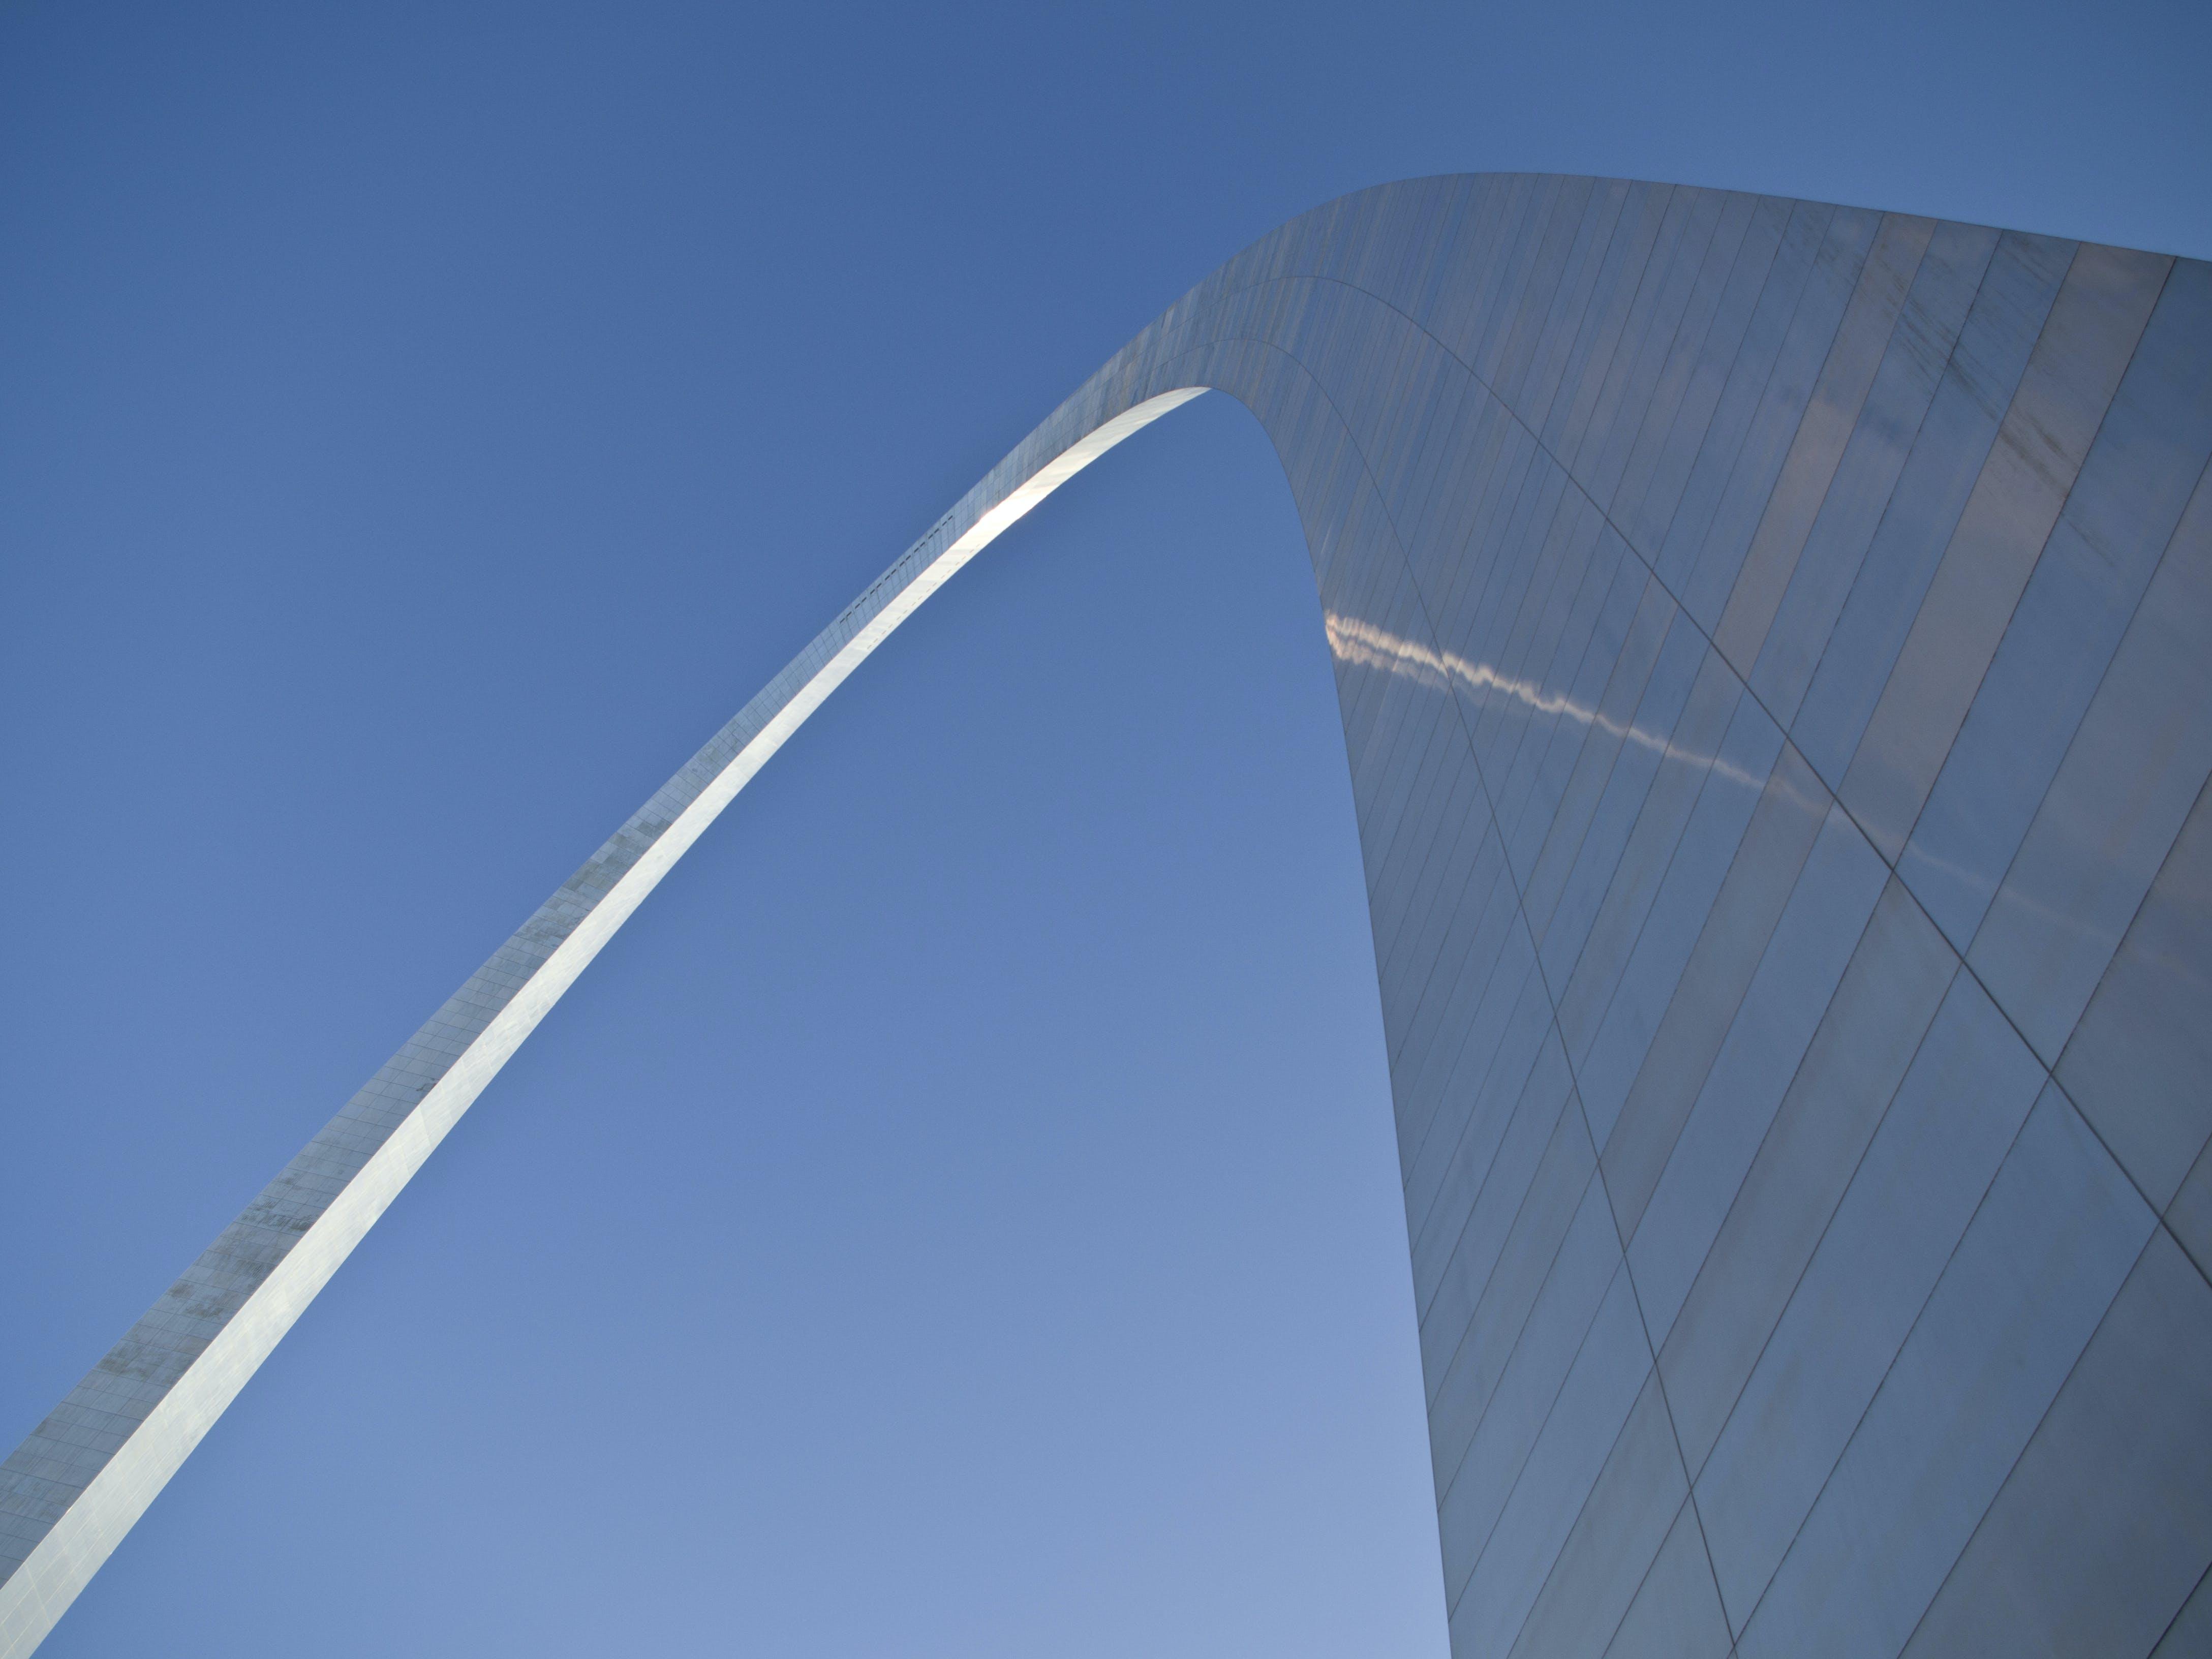 圣路易斯, 天空, 建築, 拱 的 免费素材照片